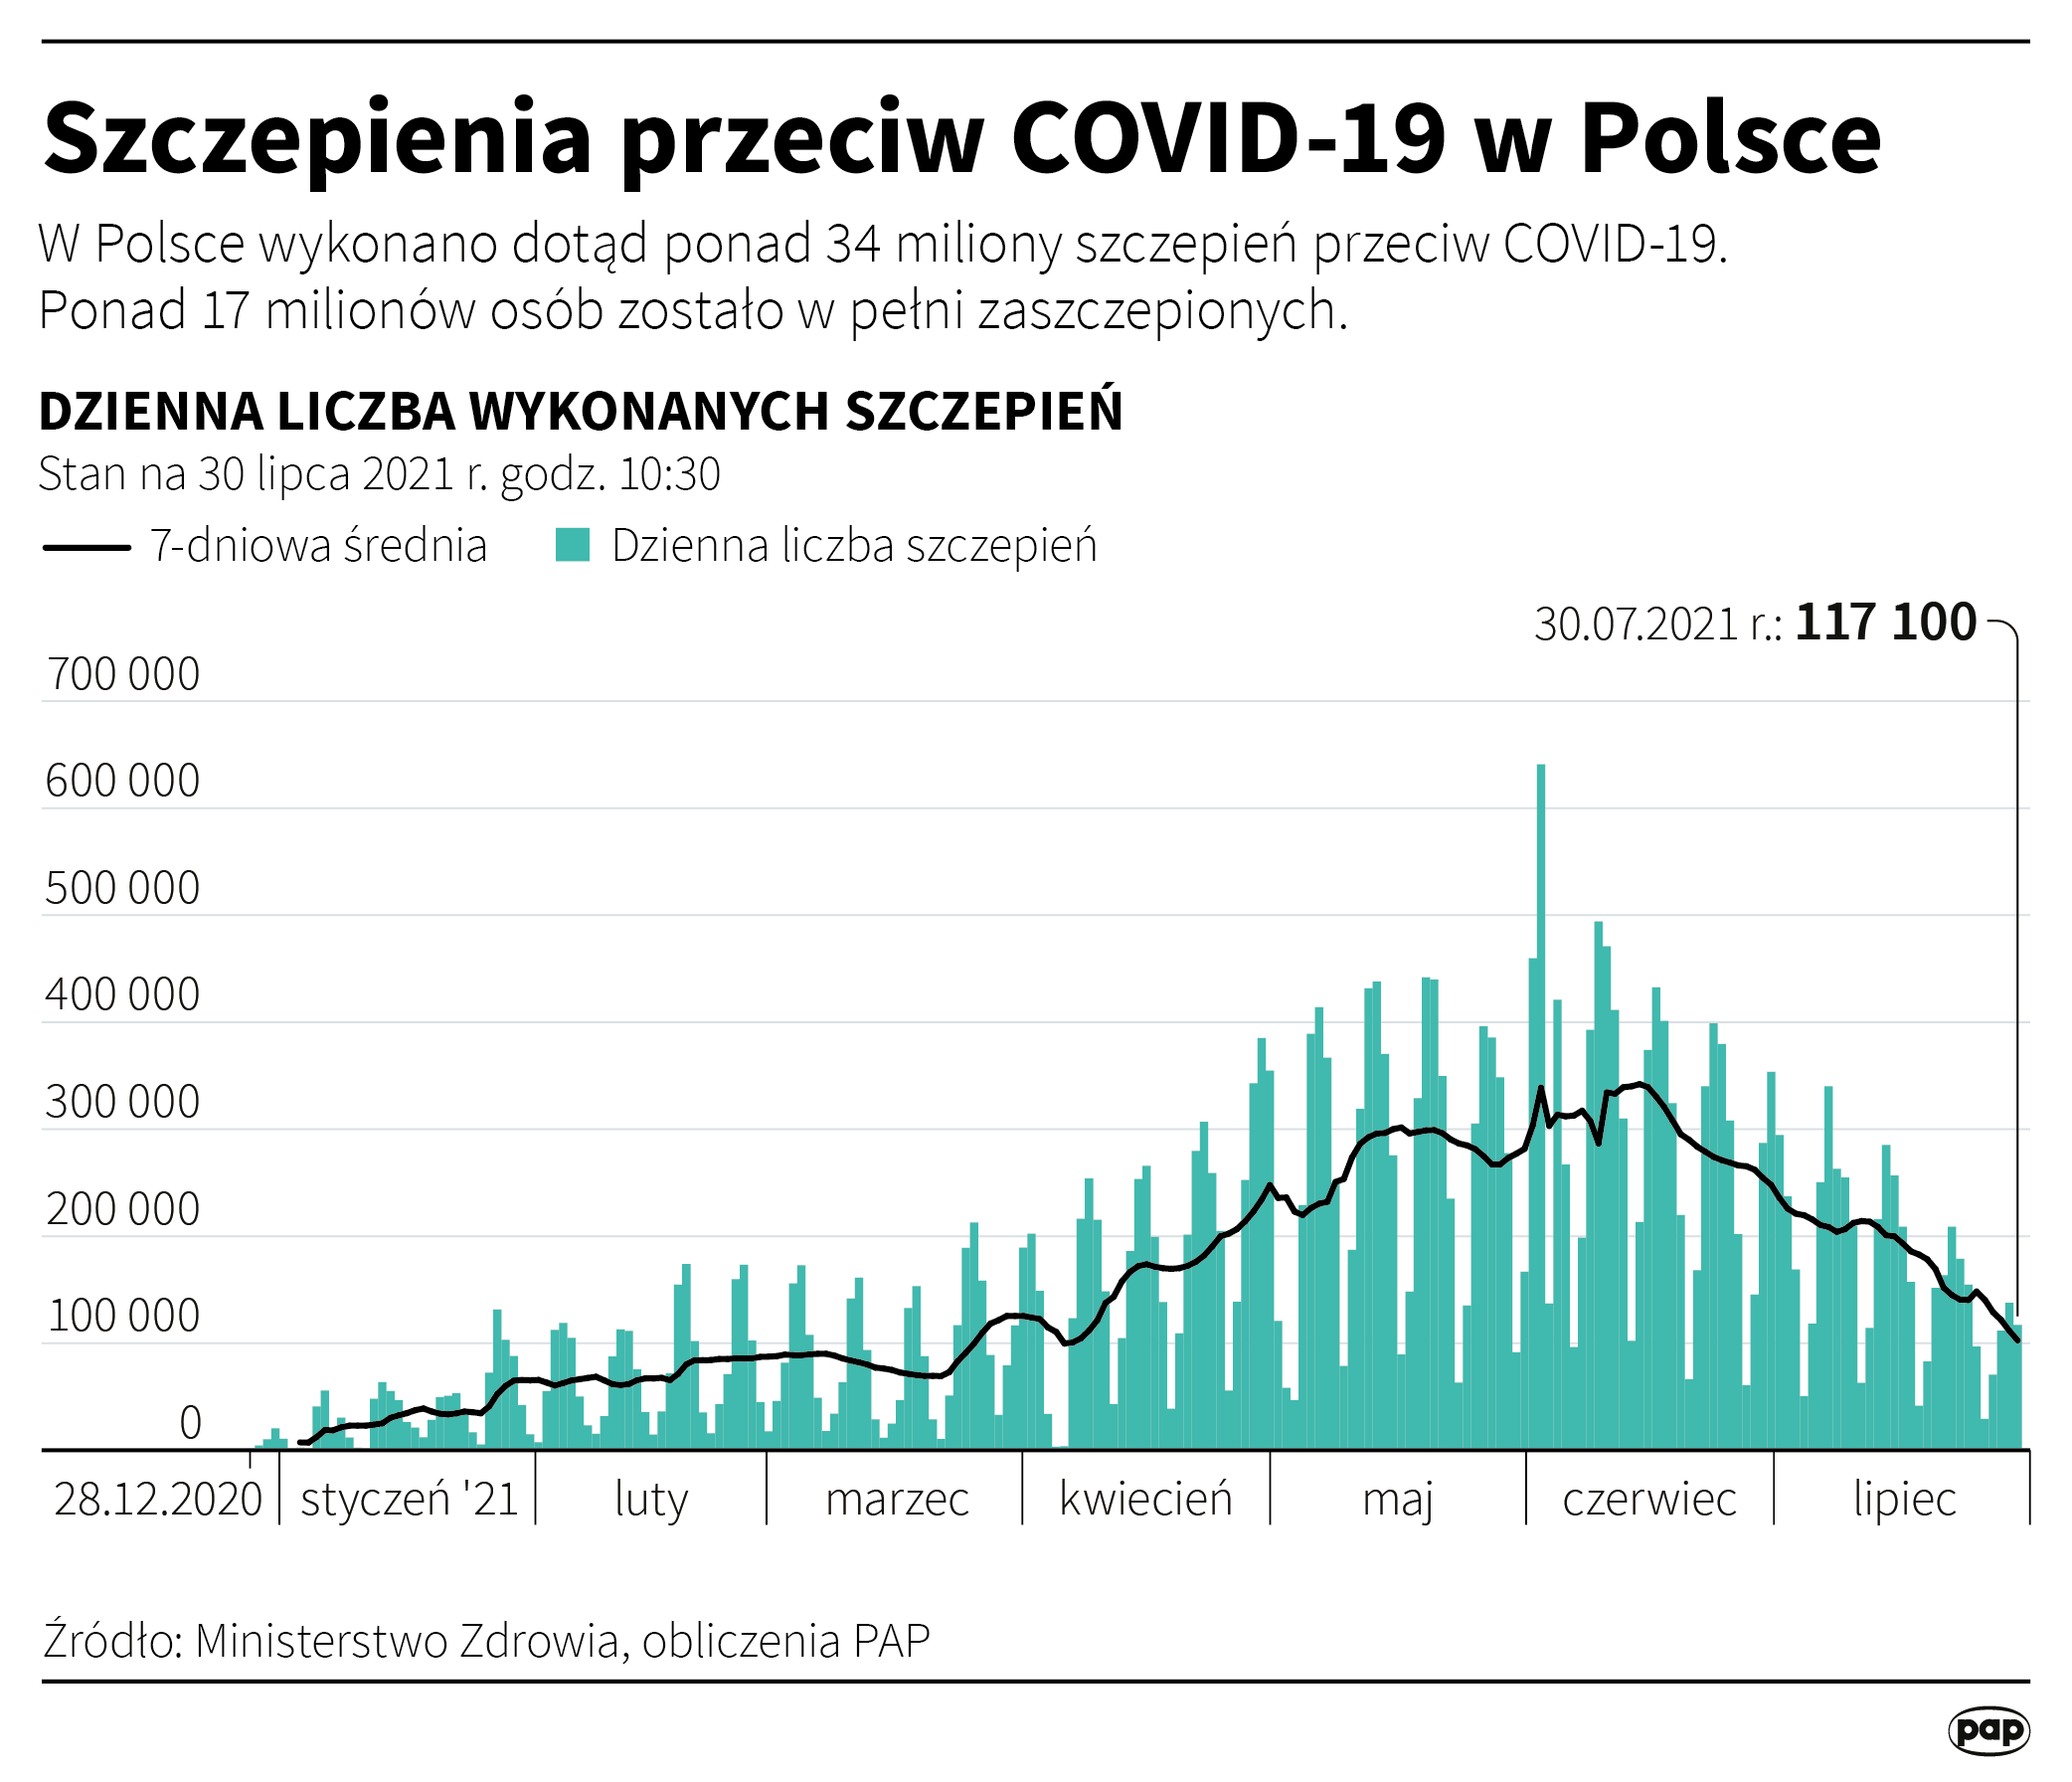 Szczepienia przeciw COVID-19 w Polsce [Autor: Maciej Zieliński, źródło: PAP]